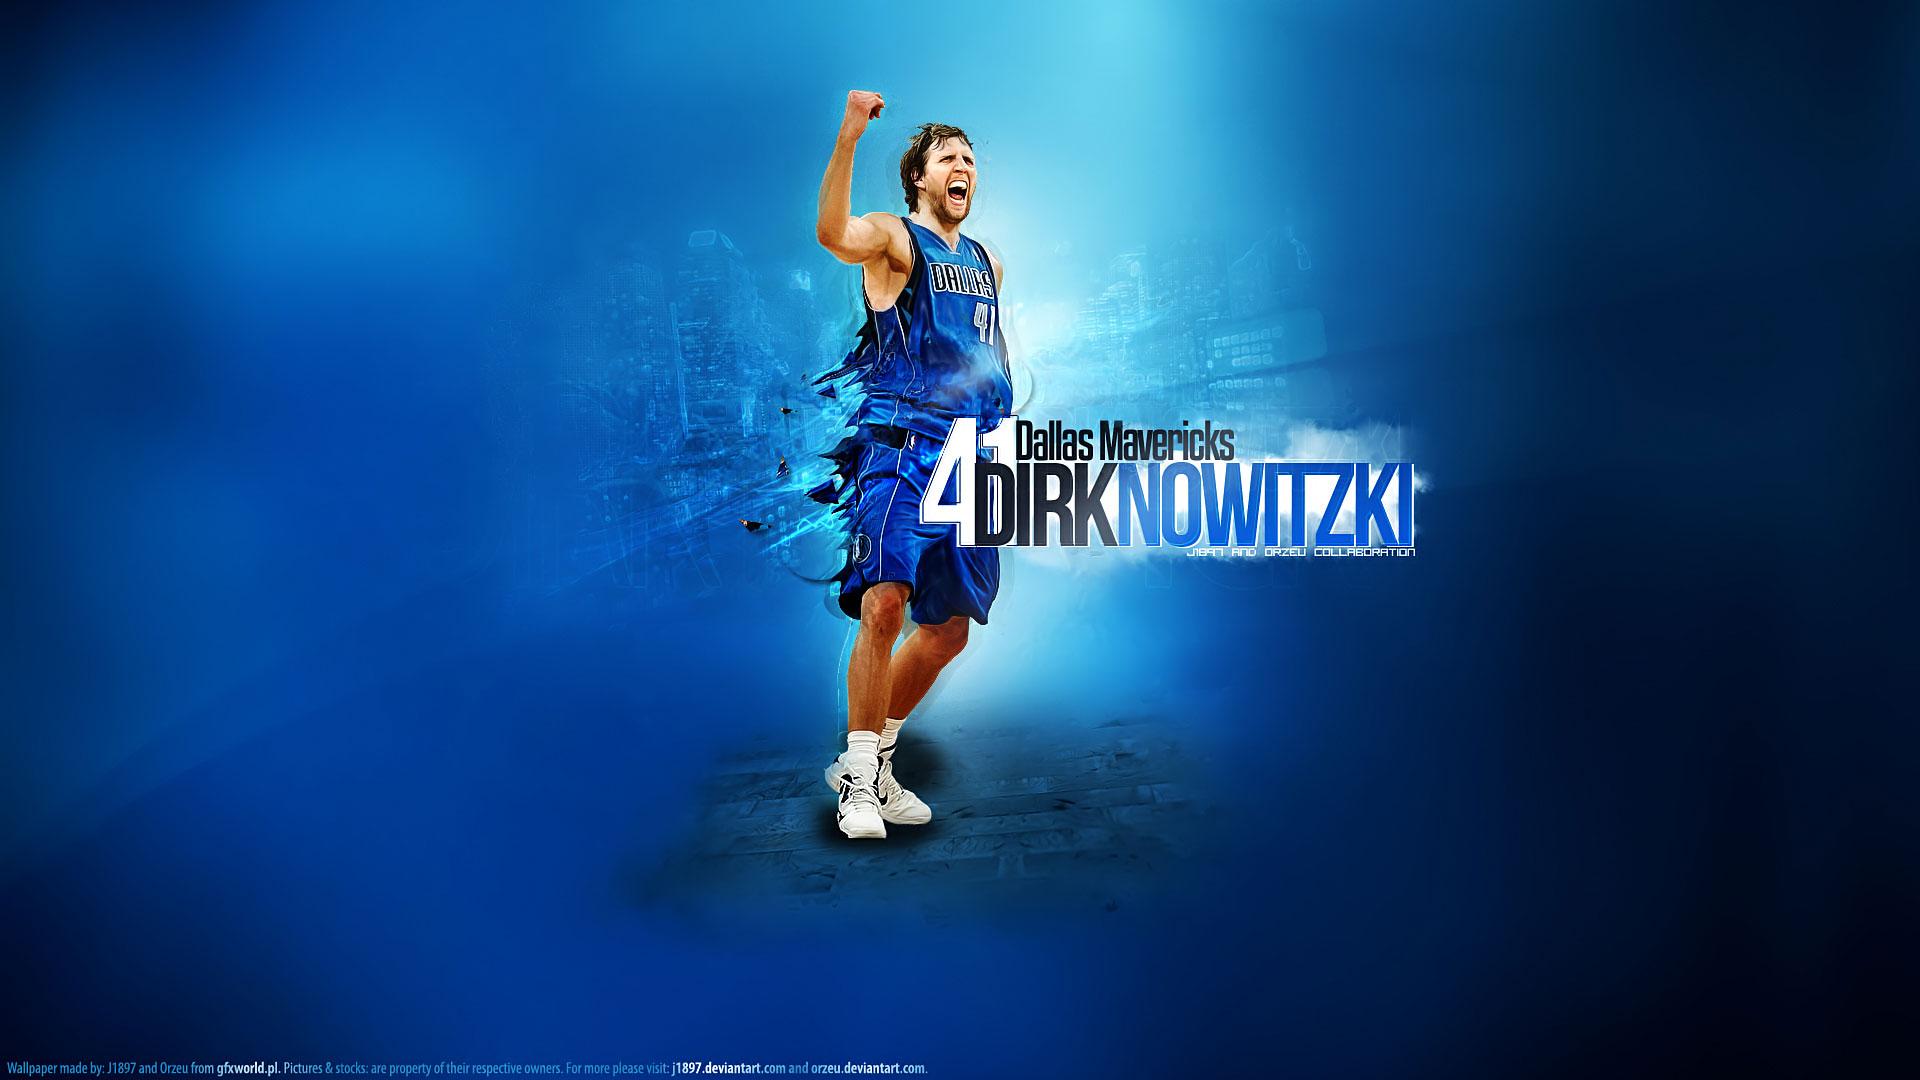 Dallas Mavericks Wallpapers | Basketball Wallpapers at